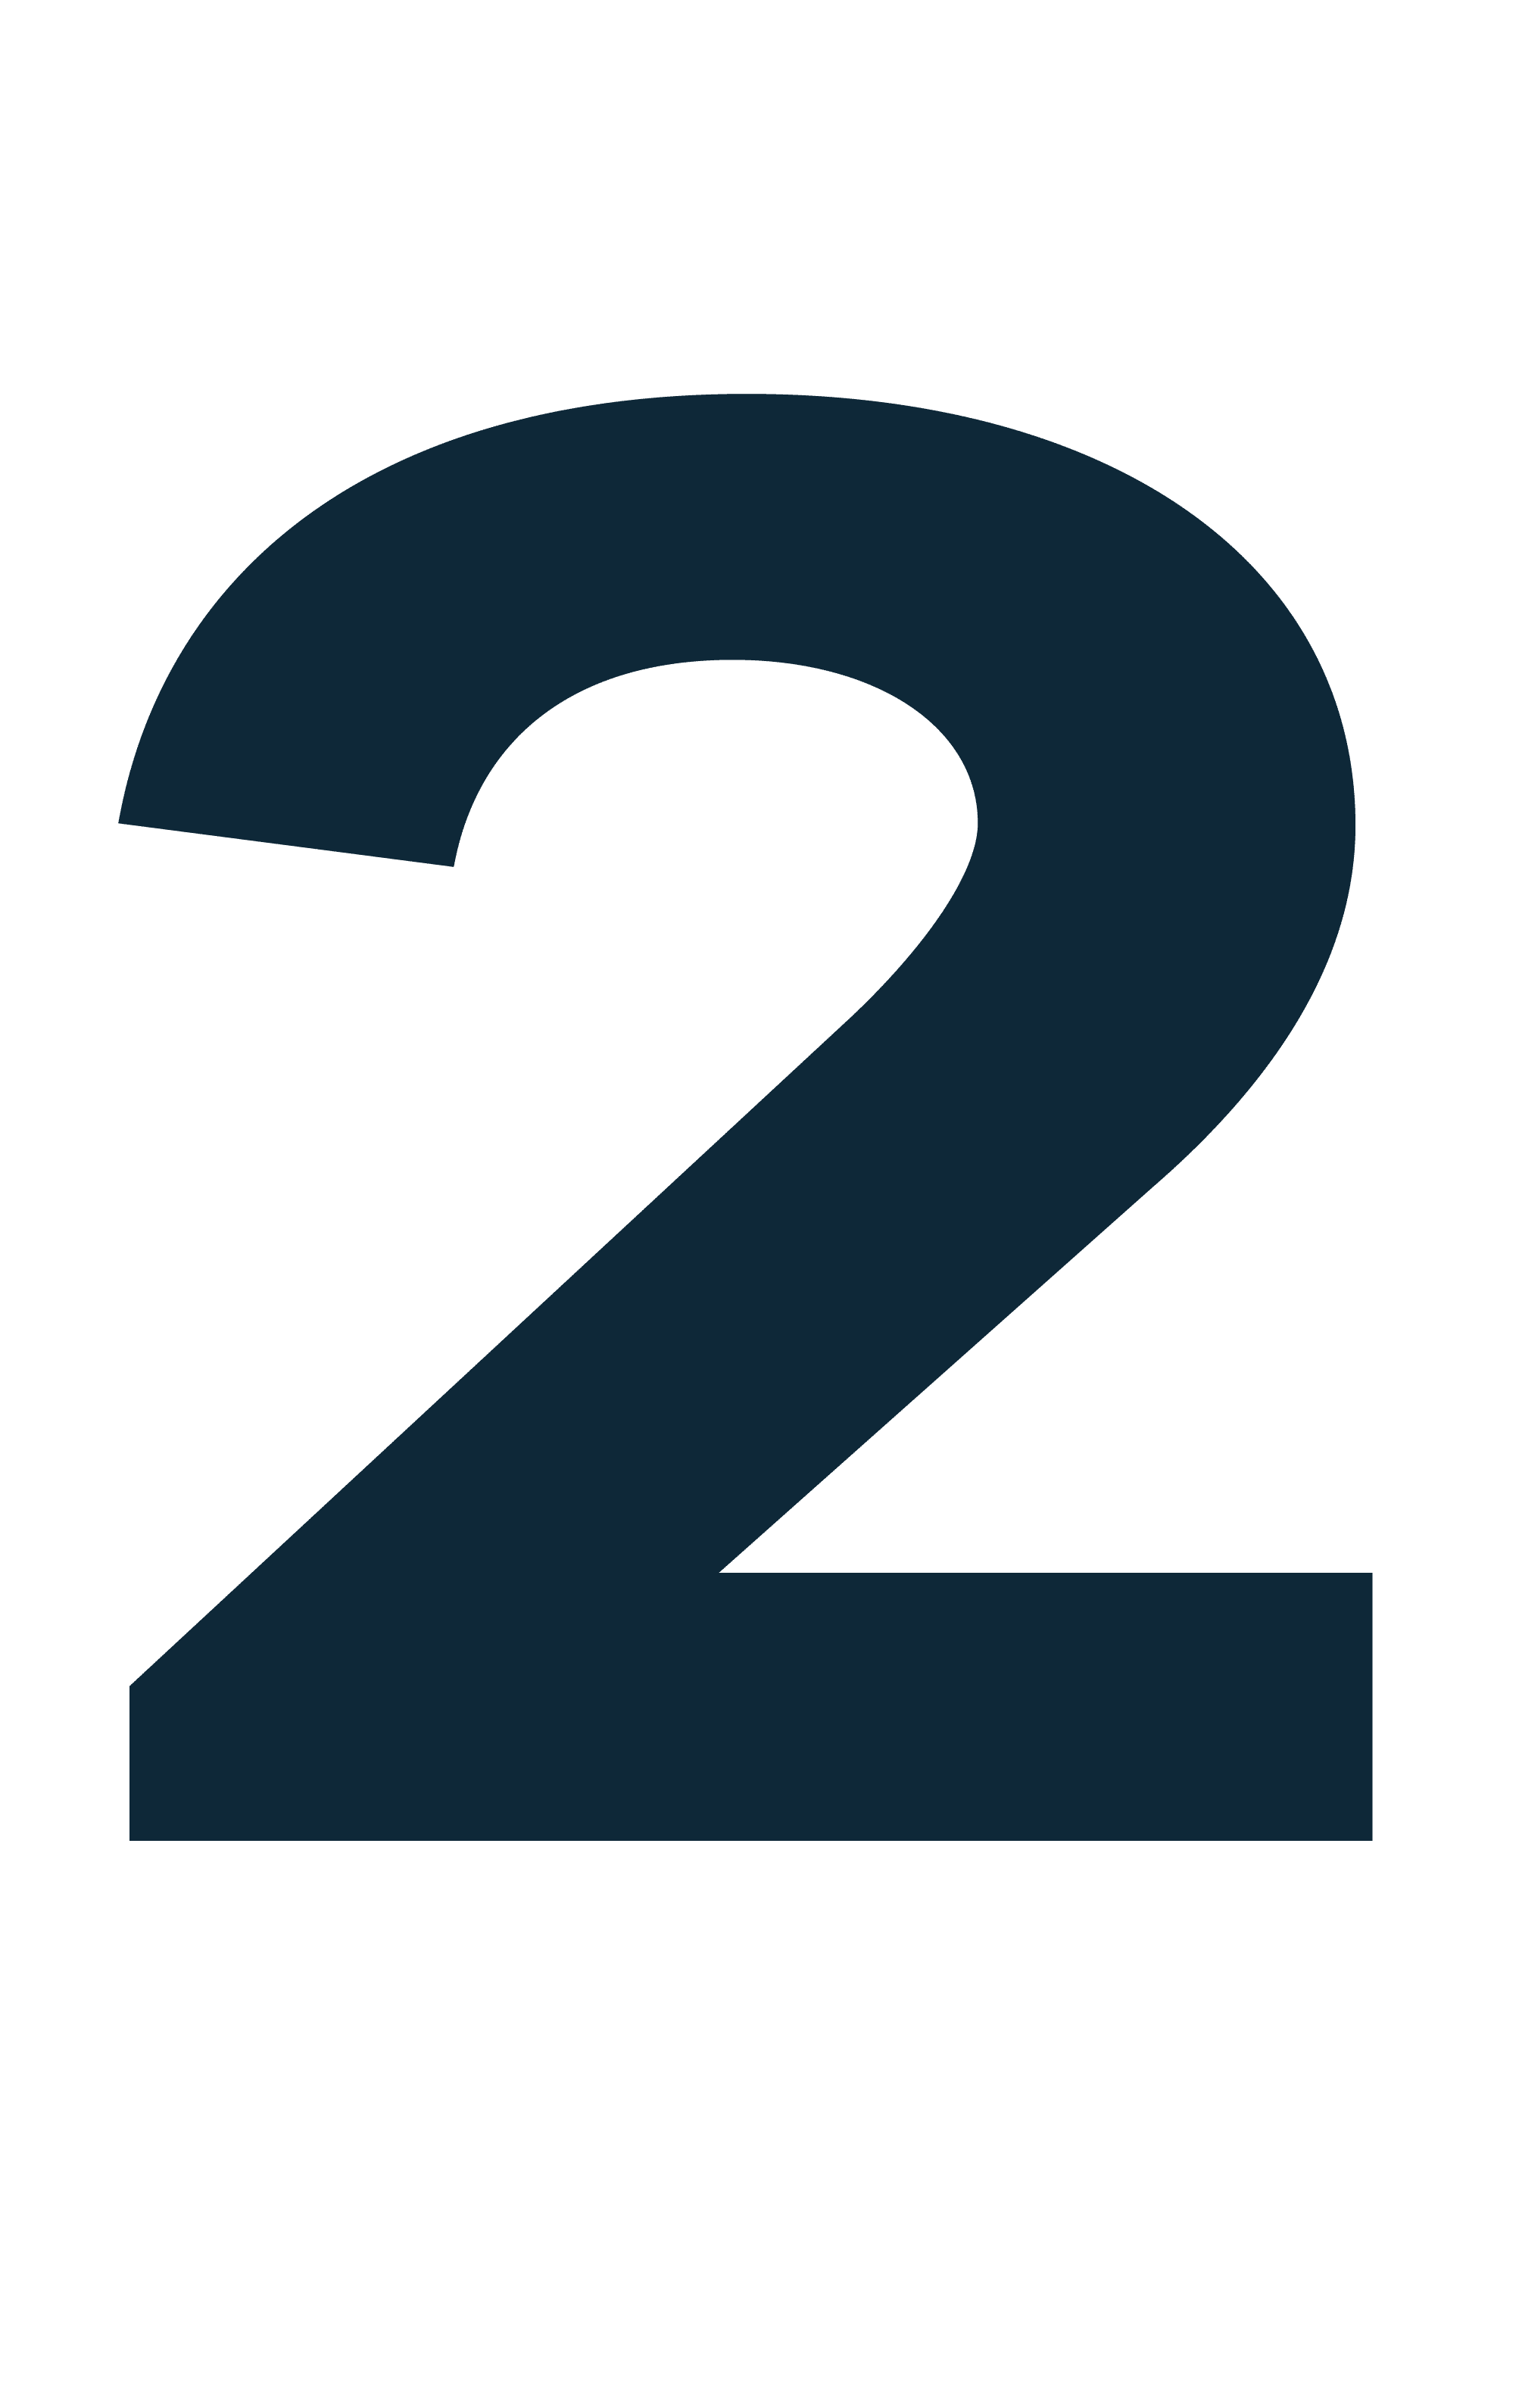 Asset 43